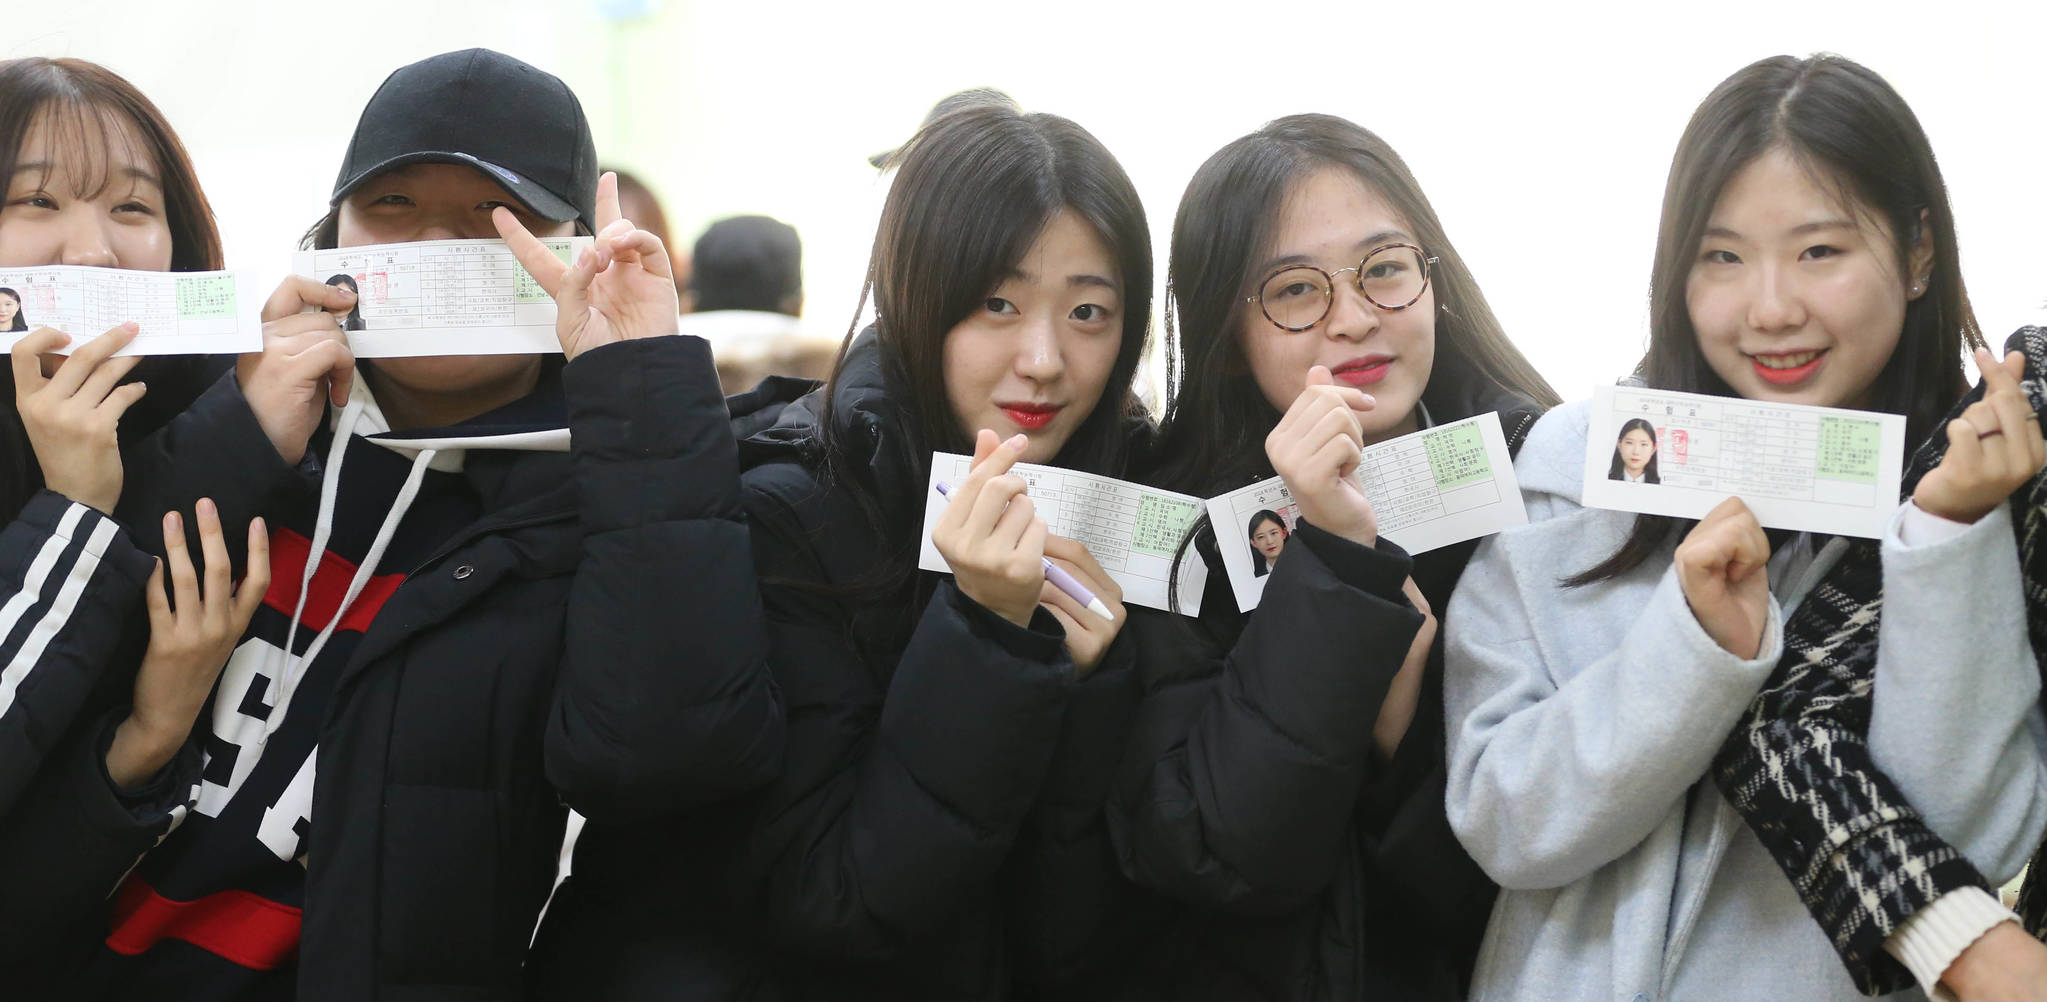 수험표를 받은 서울 서초고 여학생들이 교실에서 포즈를 취했다. 신인섭 기자